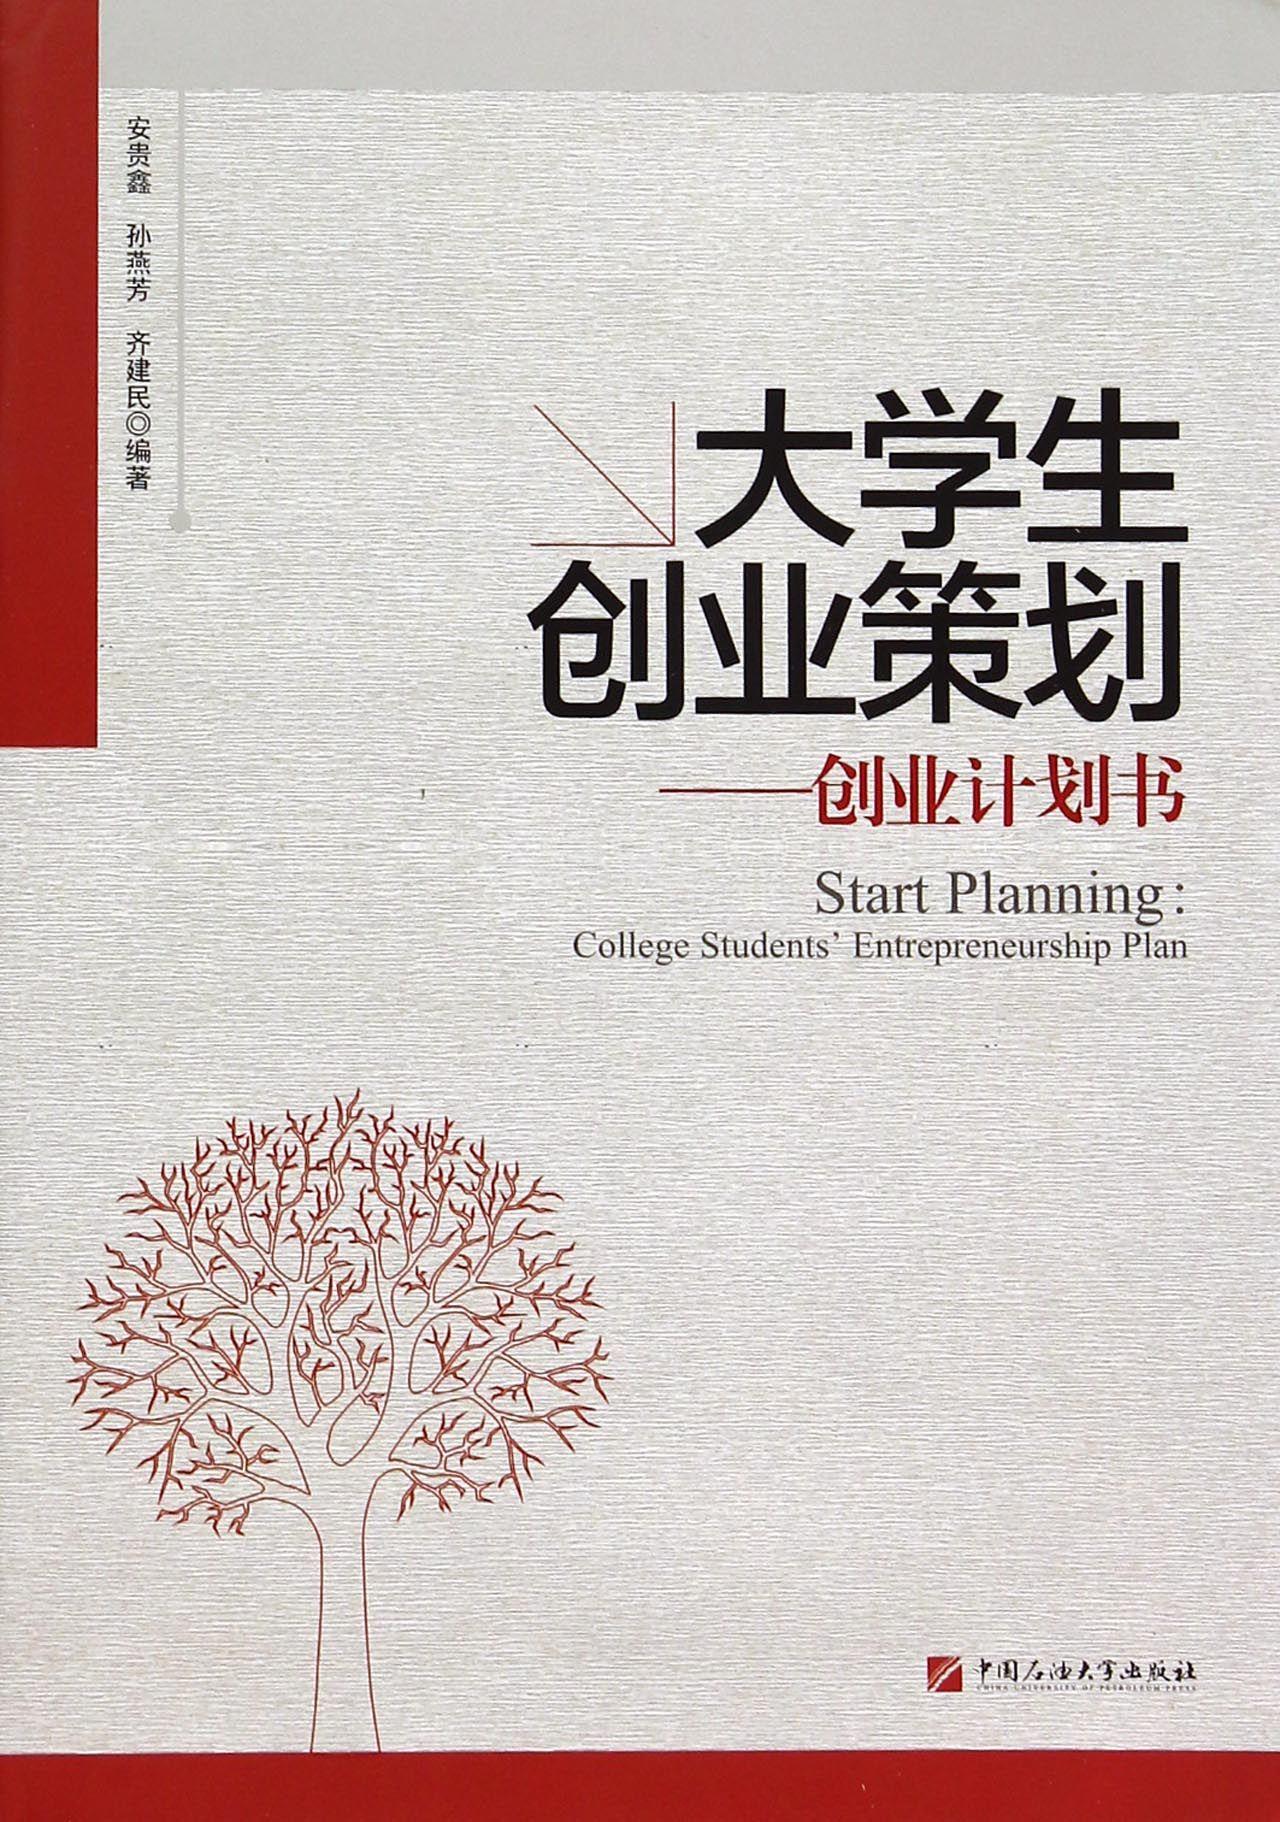 大学生创业策划--创业计划书图片